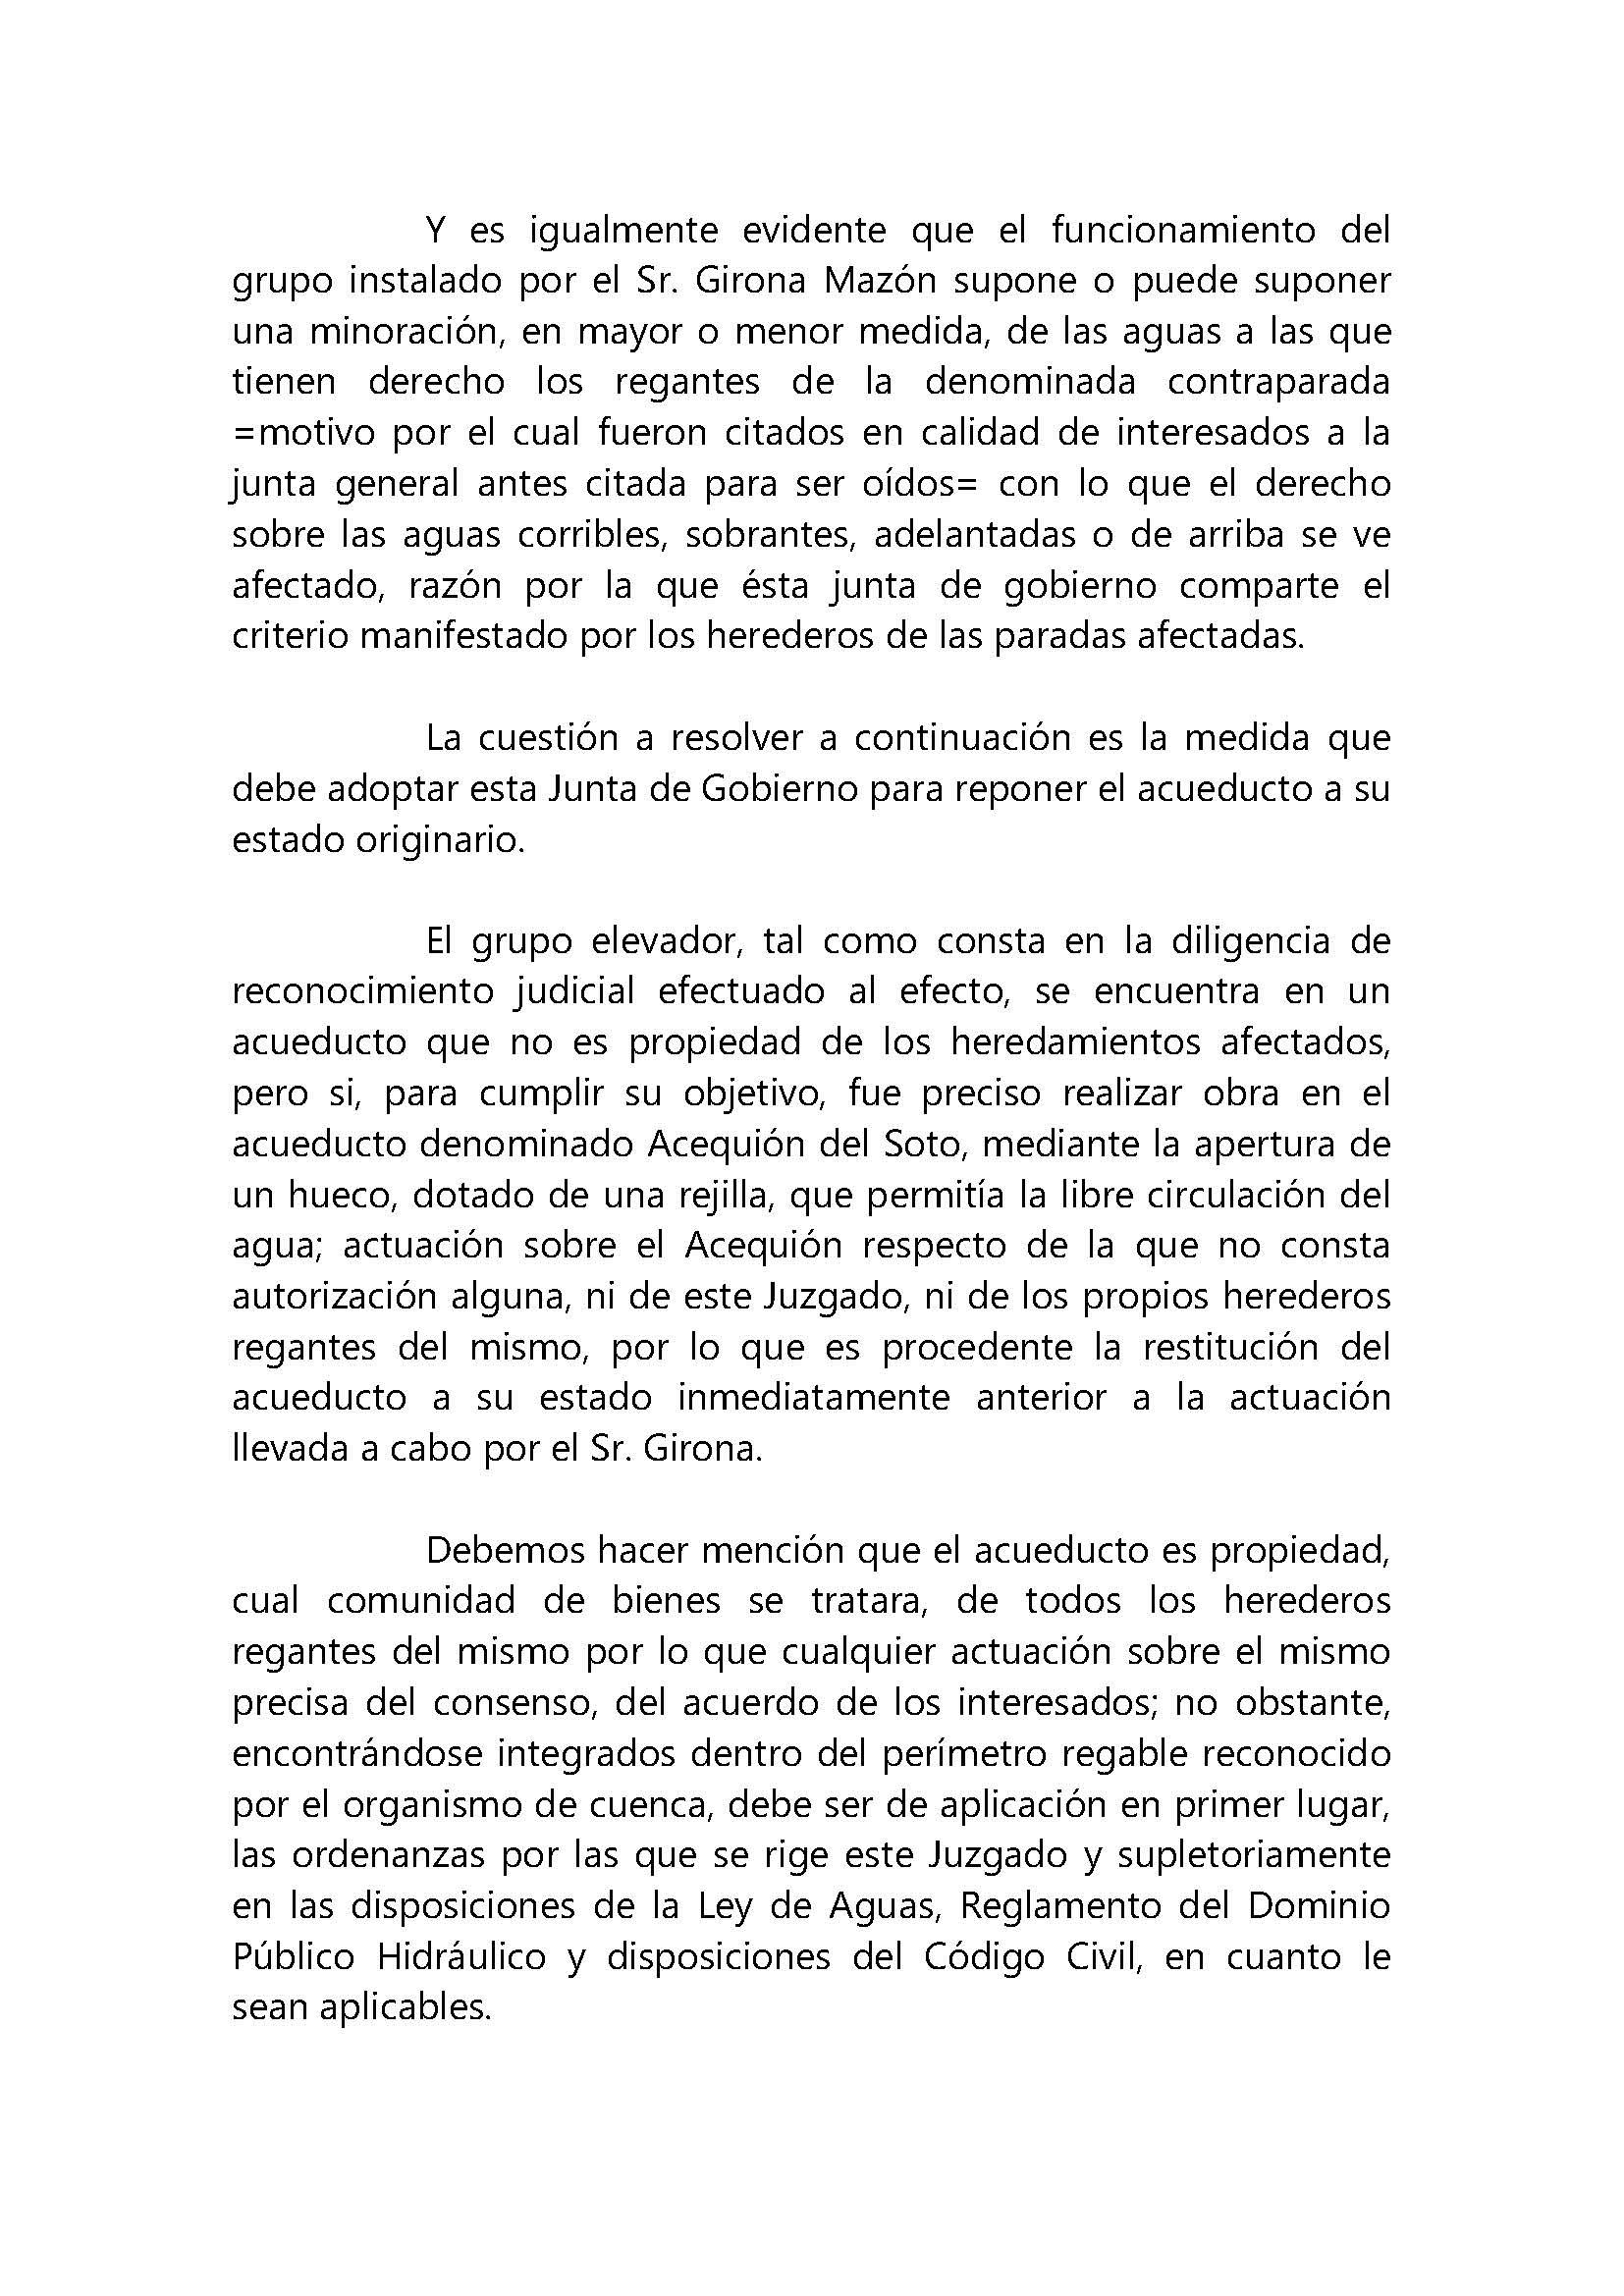 111 2015 ACEQUION DEL SOTO. ACUERDO JUNTA gobierto 111115_Página_08